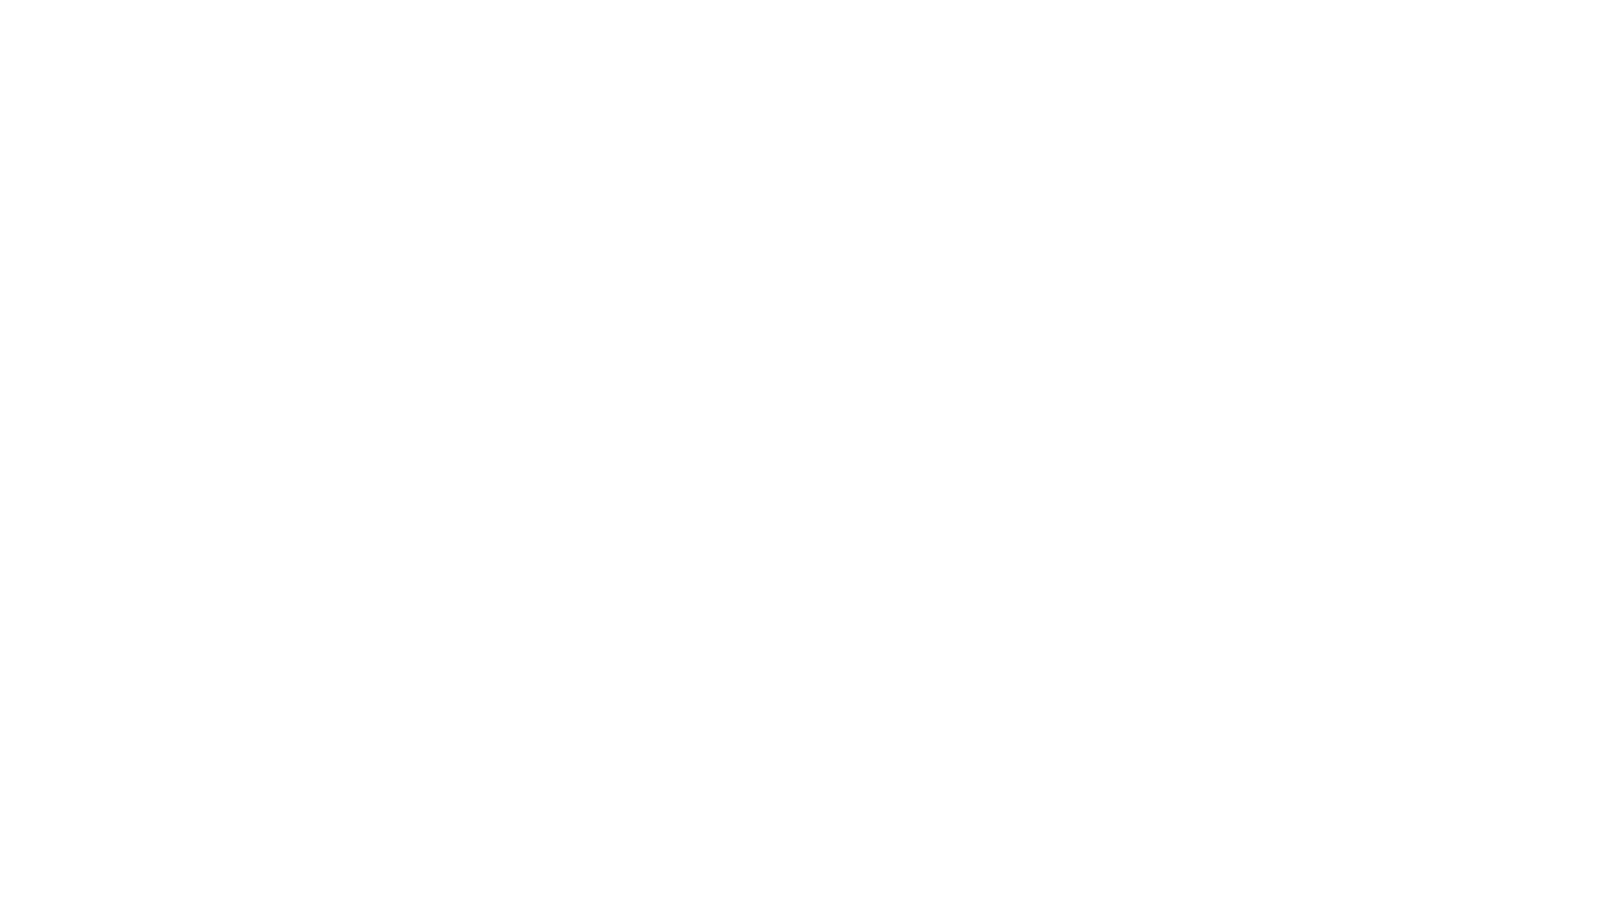 """Salutations les amis! Aujourd'hui, on parle de rythme de lecture et de notre rapport à la consommation des livres 😊 Voici les time codes de la vidéo: 00:00 Introduction 01:08 Retour sur mes débuts Booktube et évolution de mon rythme de lectures 04:40 Que faire d'une lecture """"bien-sans-plus""""? 05:40 Nostalgie de l'adolescence et moment de basculement dans mon rapport à la lecture 06:44 Consommation vs. Appréciation des lectures 07:50 Rythme de lectures et genres de littérature présentés 10:05 Soyons cools sur le partage de nos lectures sur nos réseaux (:     Et de votre côté, ça donne quoI? 👀   Le compte Instagram de Juliette - Instabookeuse: https://www.instagram.com/instabookeuse/  A très vite pour de nouvelles lectures!  _______  N'oublie pas de me suivre aussi...  ► sur le blog : http://chibidanslesorties.com ► sur Instagram : http://instagram.com/chibi_toutcourt ► sur Pinterest : https://www.pinterest.fr/chibidanslesorties ► sur Facebook : https://www.facebook.com/ChibiToutCourt"""